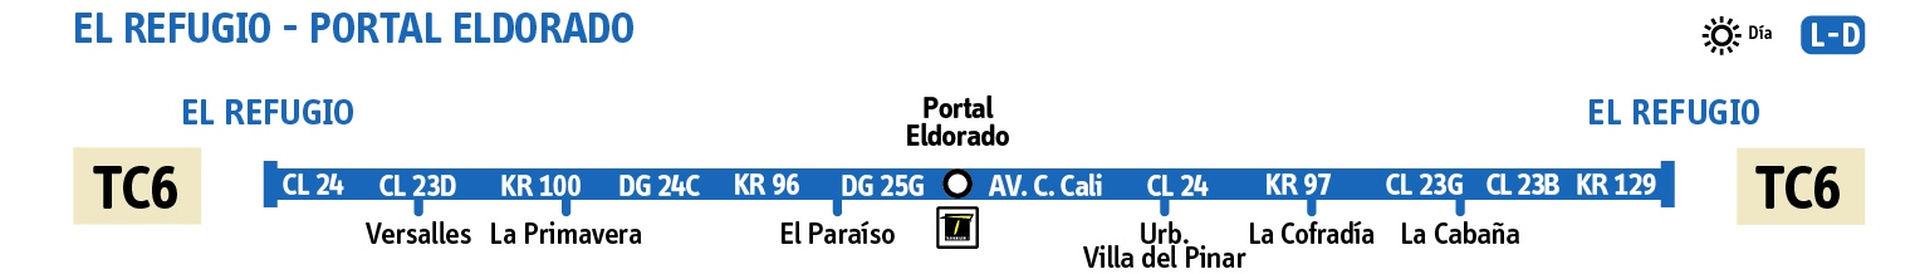 Ruta SITP: TC6: El Refugio ↔ Portal Eldorado [Urbana] 2